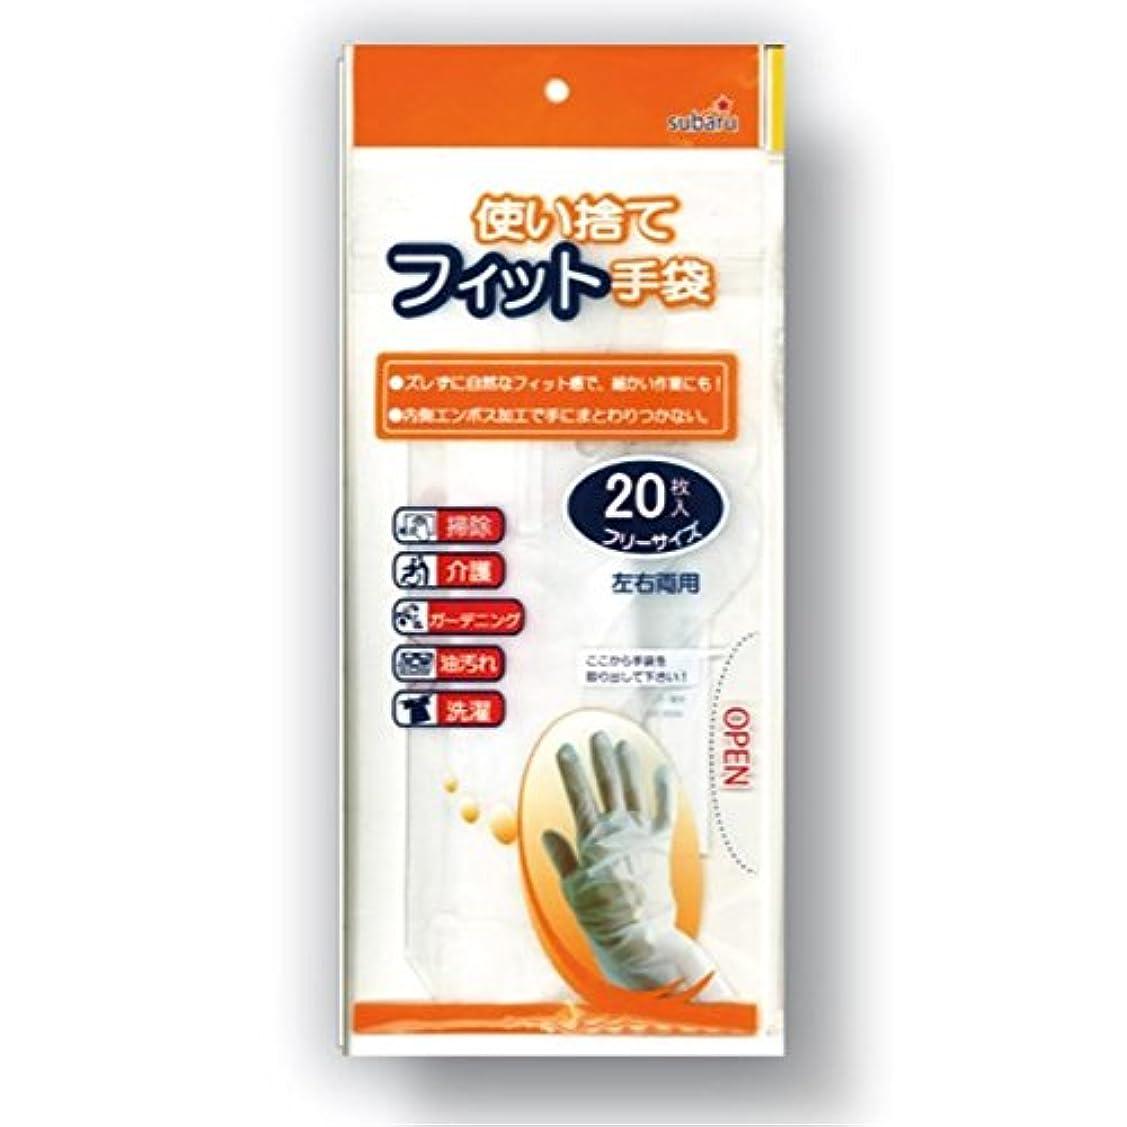 に変わる構想する嬉しいです使い捨てフィット手袋フリーサイズ20枚入[12個セット] 227-19